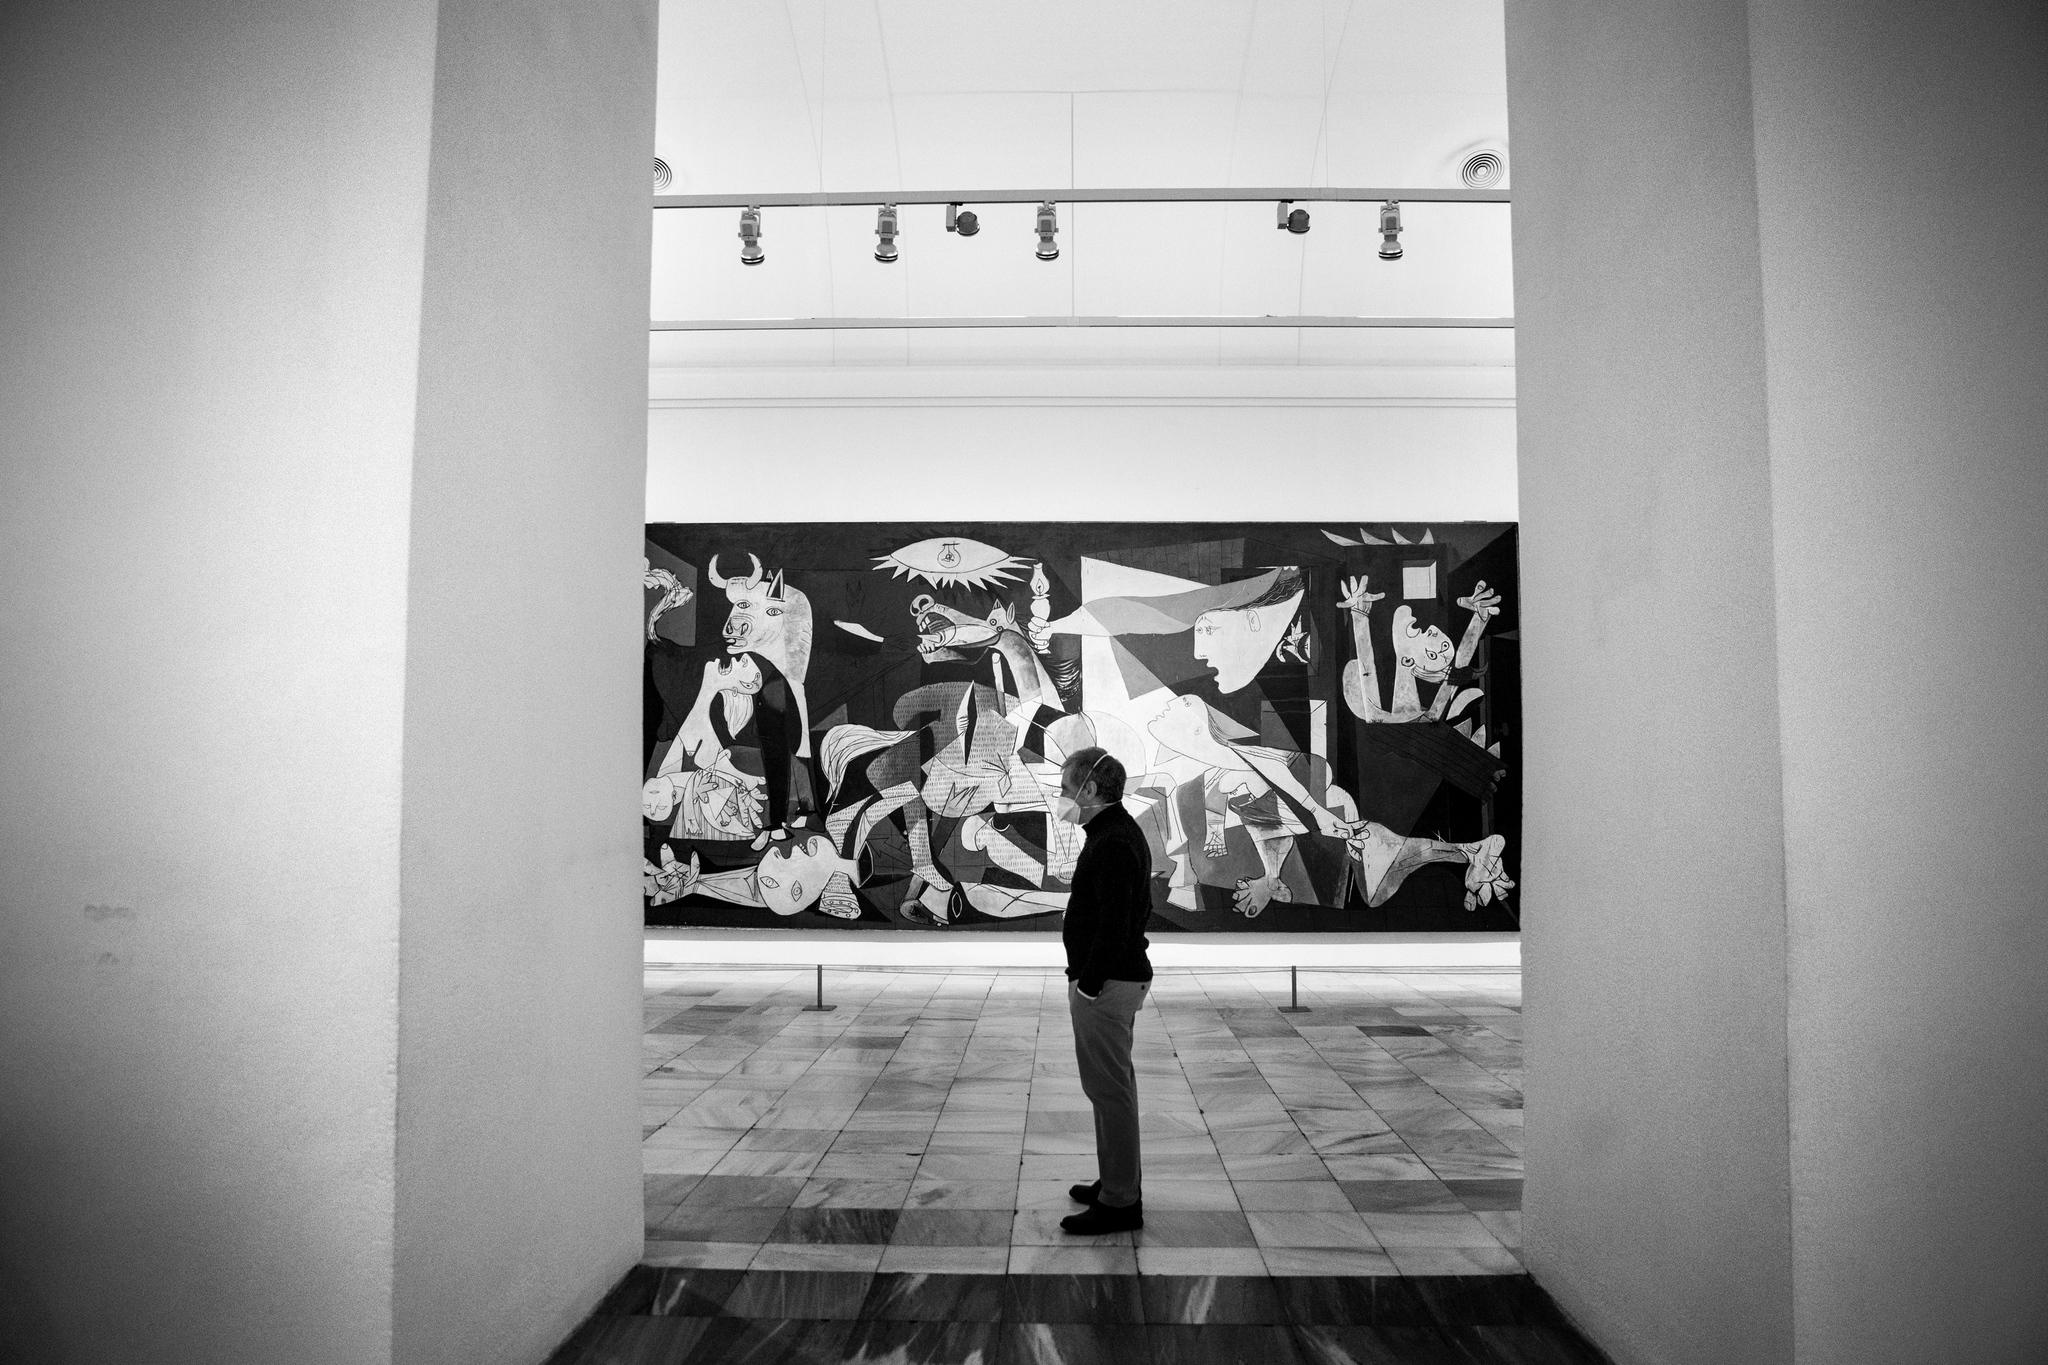 El director del Reina Sofía, Manuel Borja-Villel frente al Guernica de Picasso.